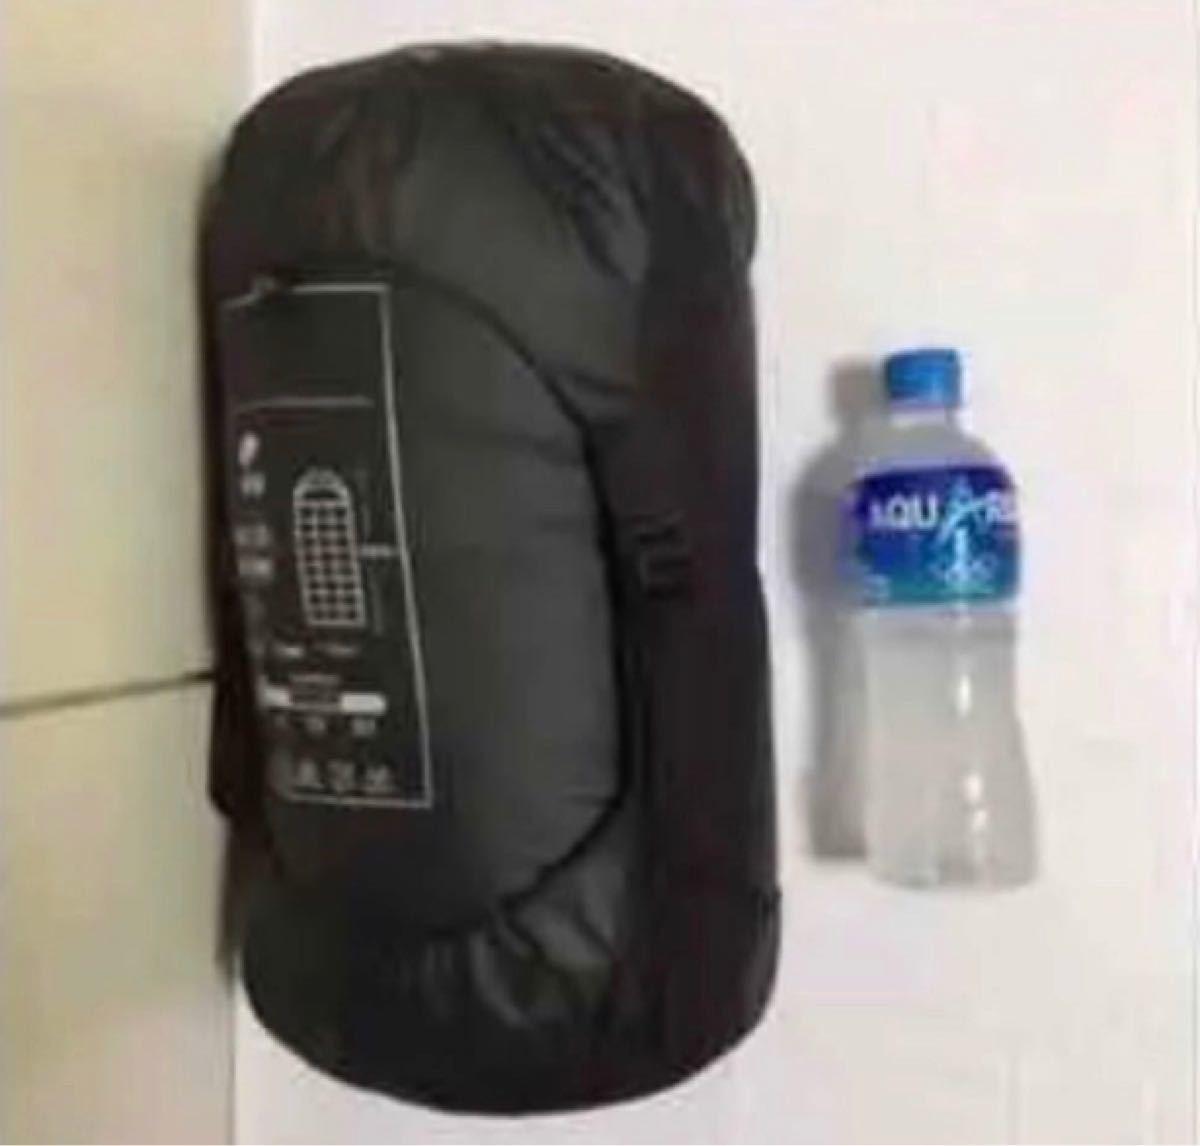 新品☆ 寝袋シュラフ 封筒型シュラフ 寝袋 ダウン 洗える コンパクト  車中泊 アウトドア キャンプ 防災